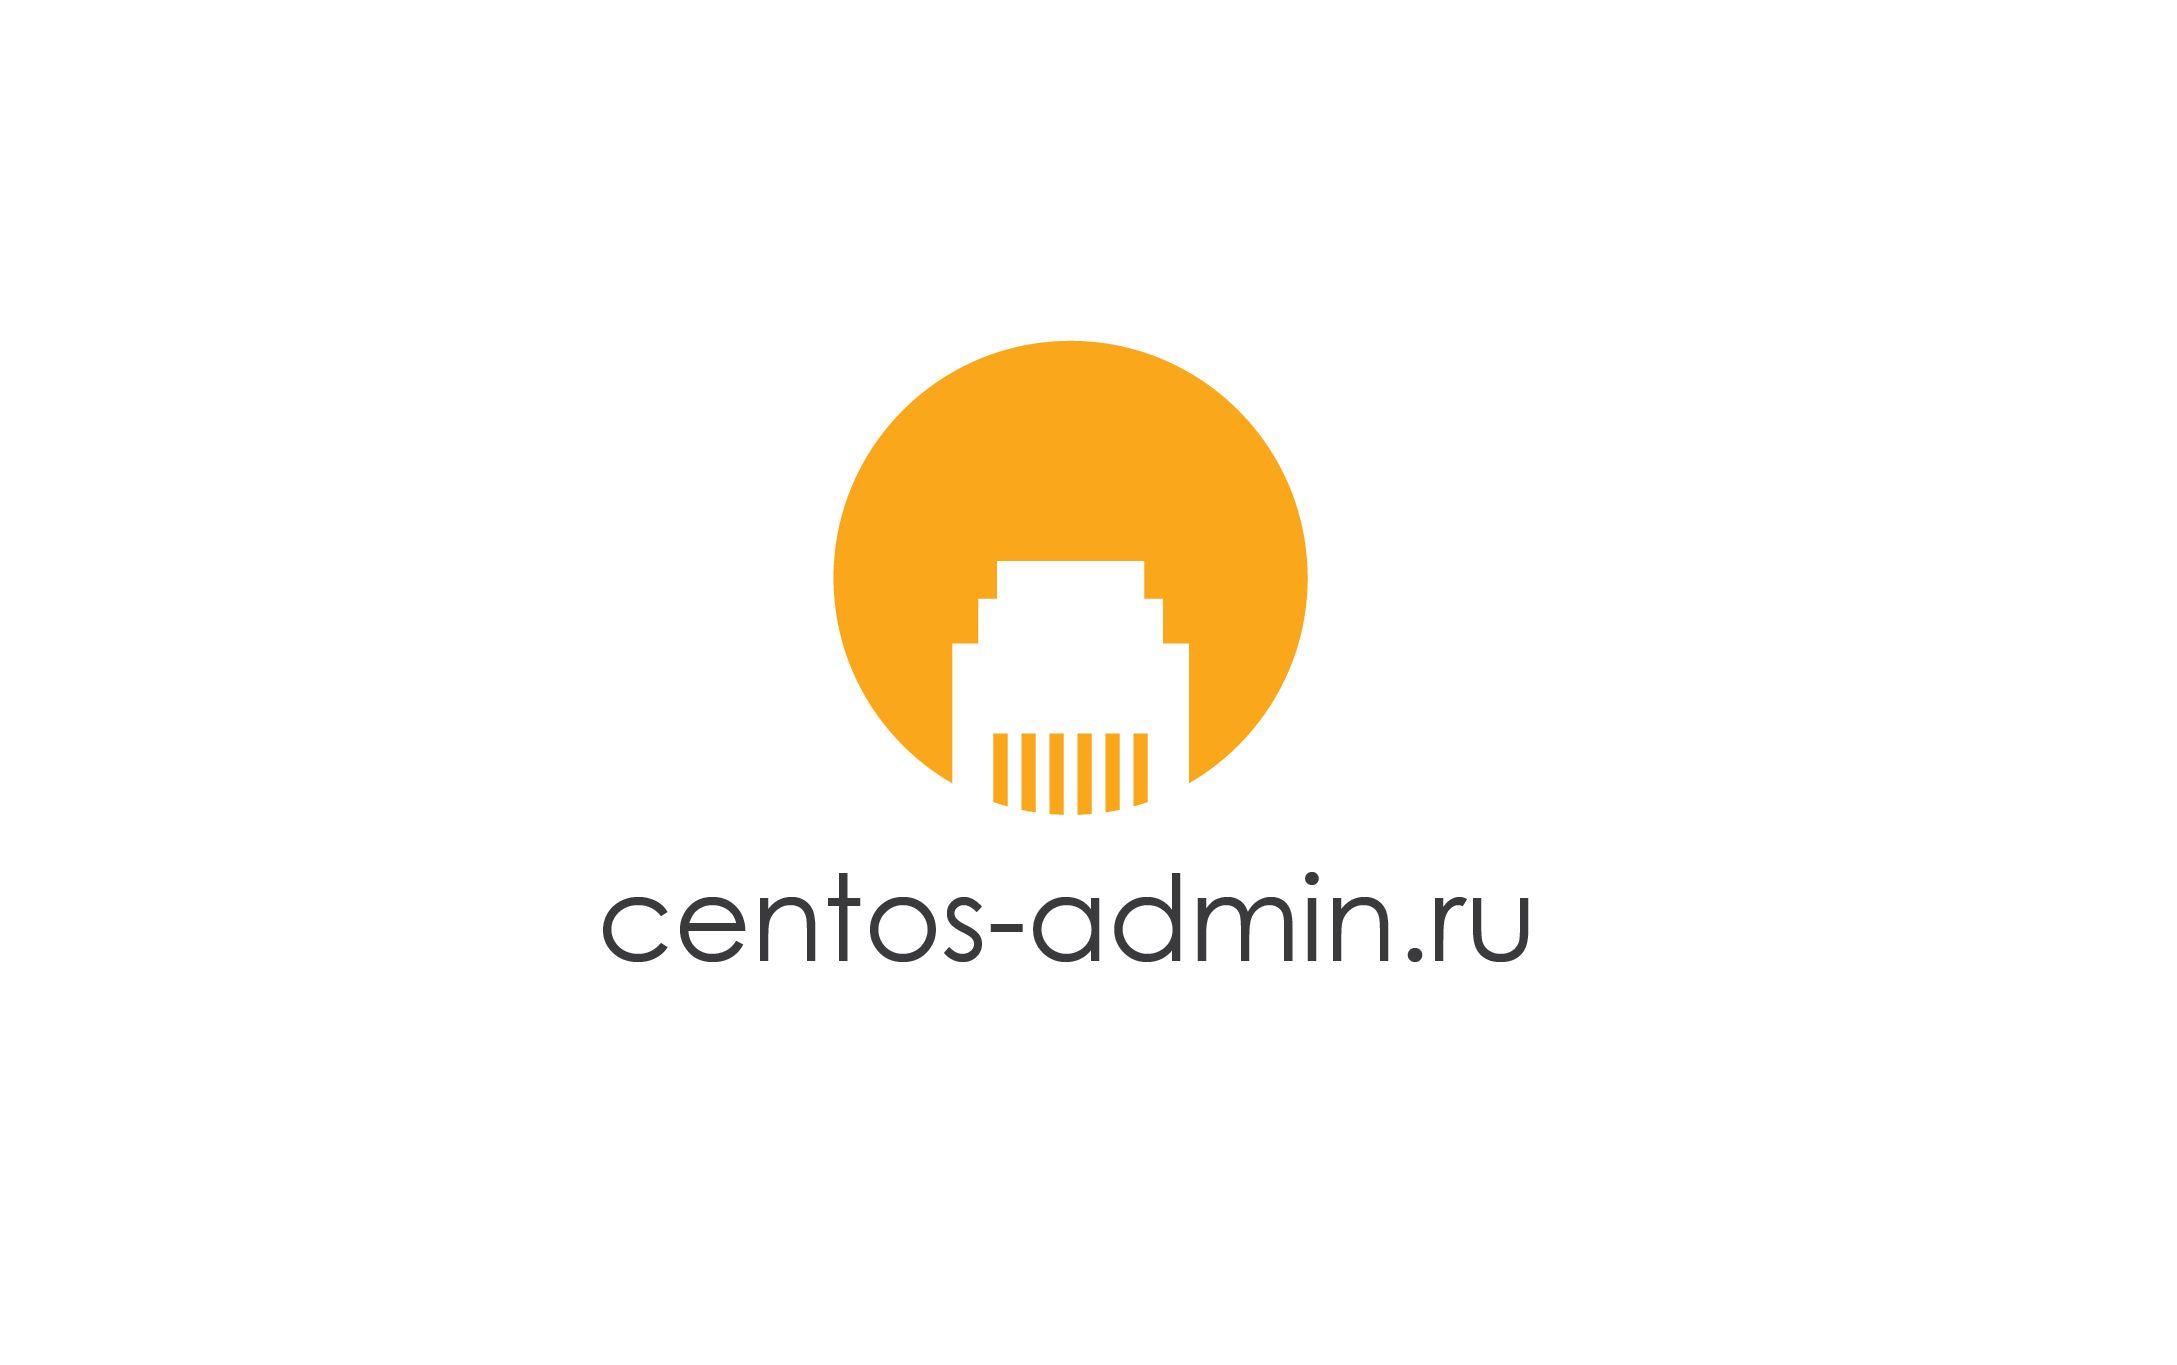 Логотип для компании Centos-admin.ru - дизайнер andyul